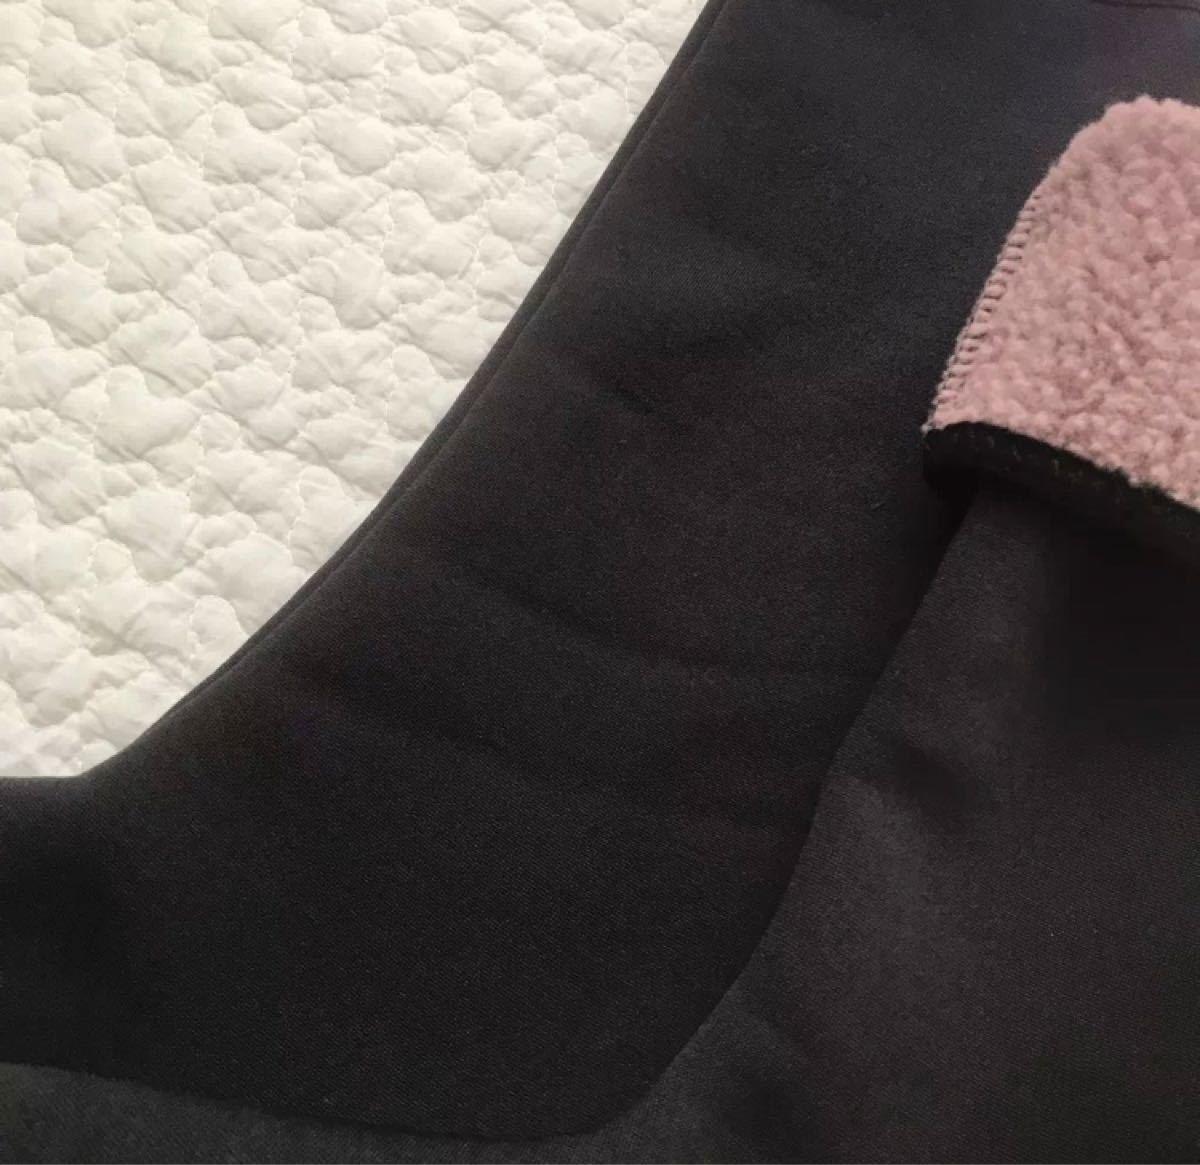 韓国冷えとり靴下ソックスロングポソンルームシューズルームウェアスリッパ室内履き黒